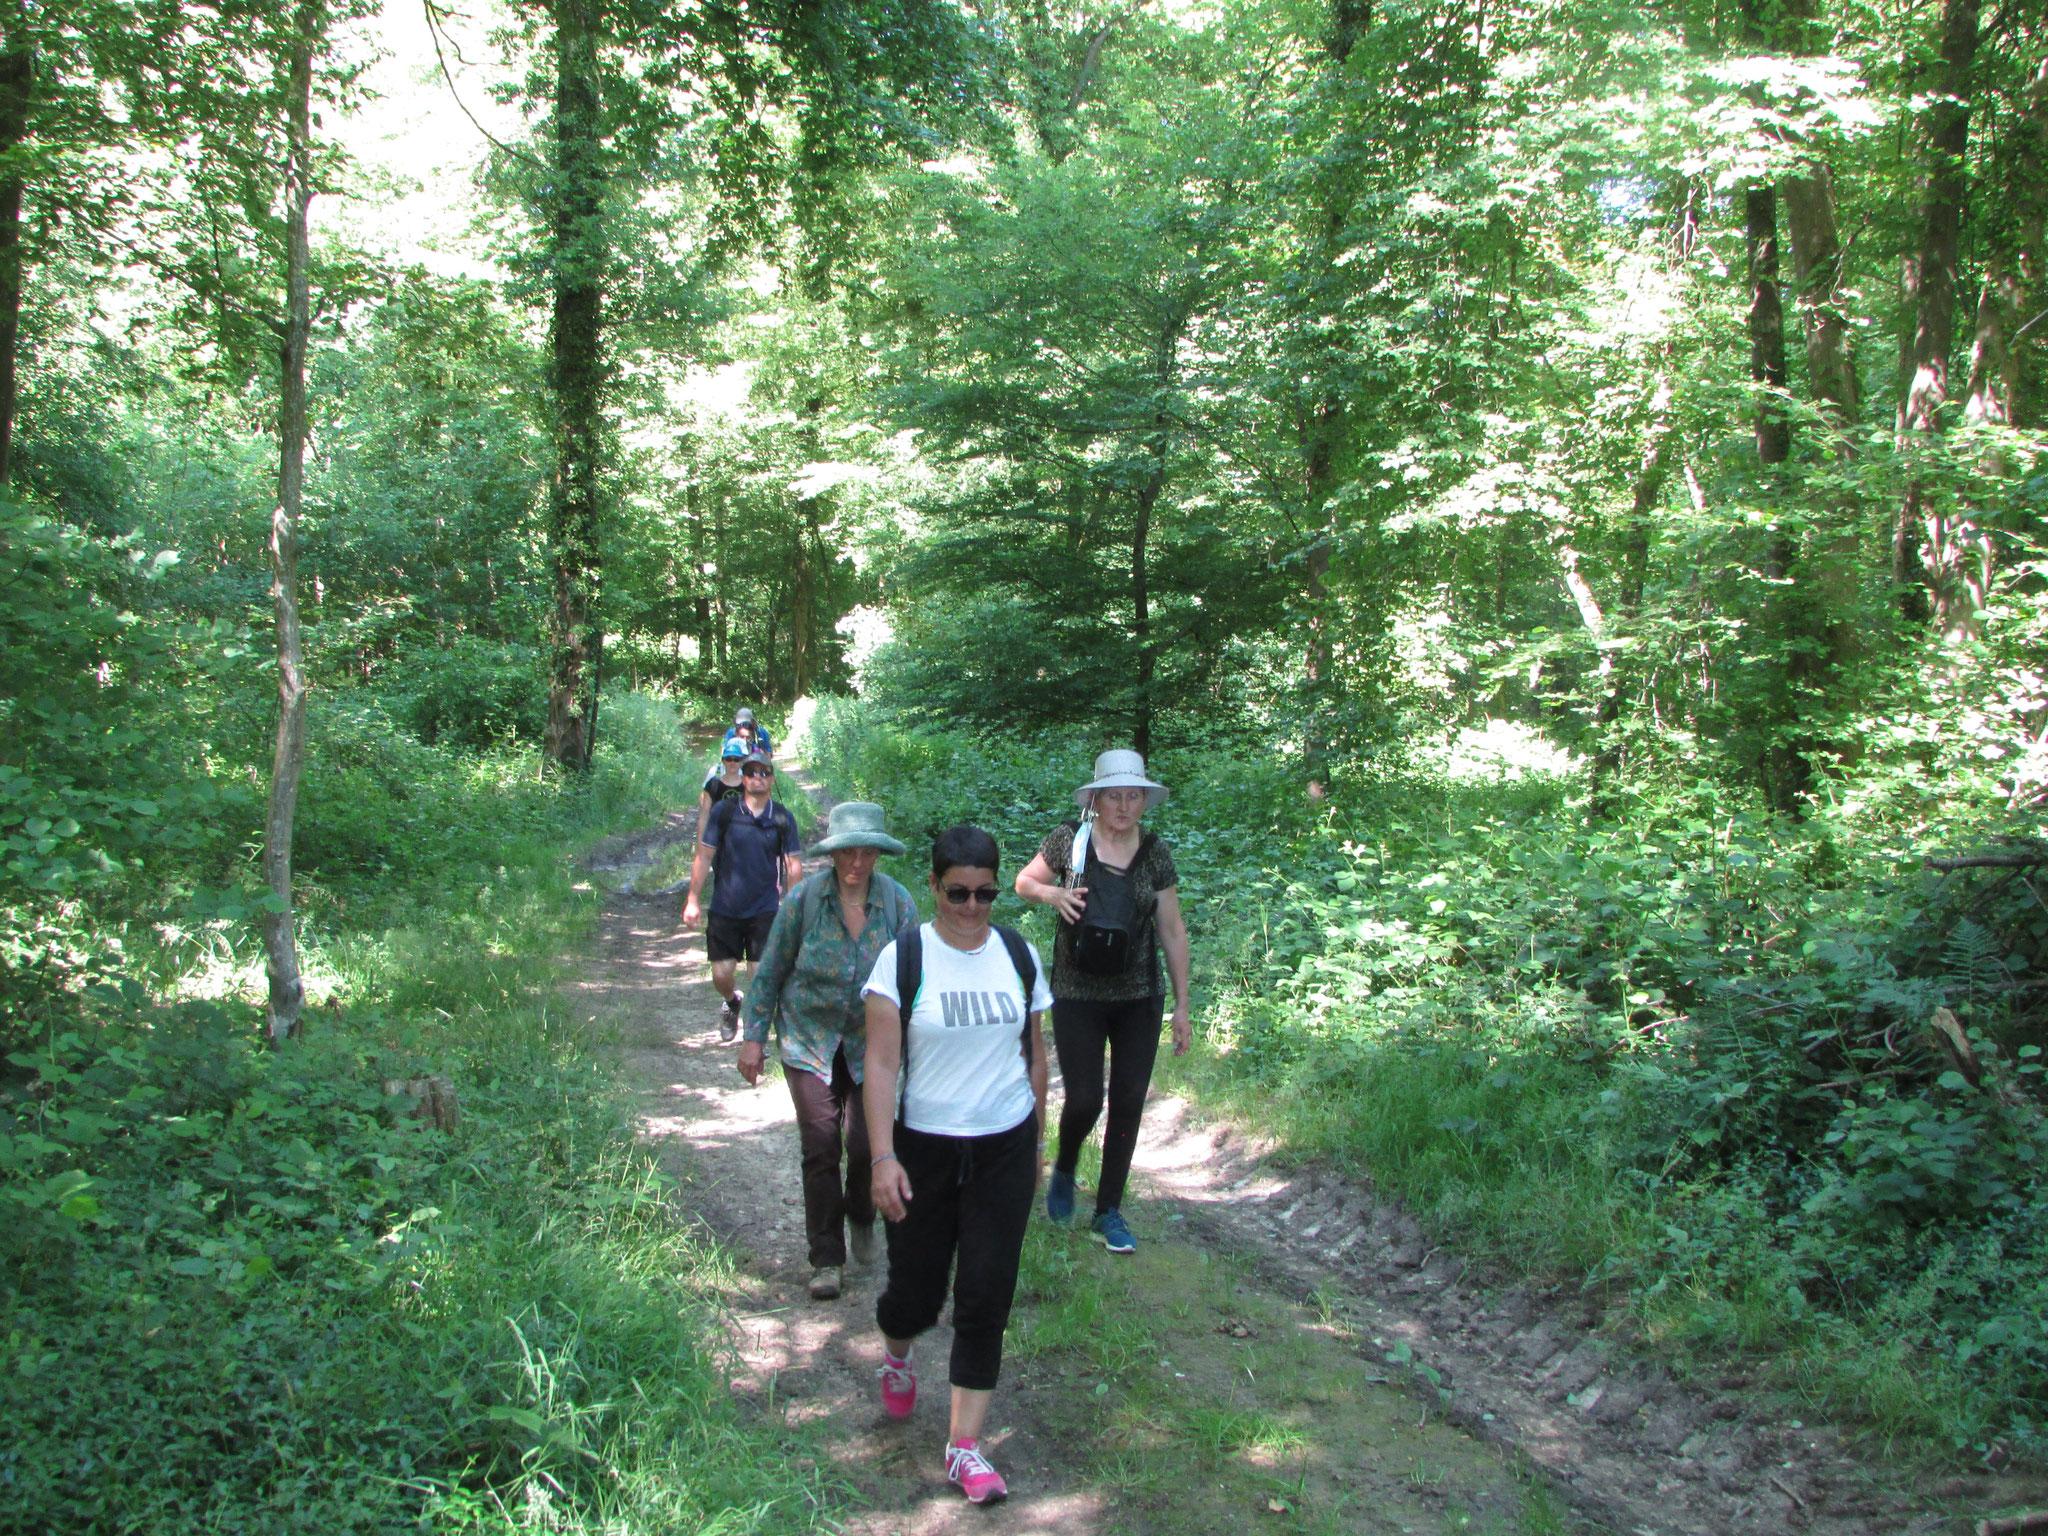 Randonnée nature autour de Martincourt juin 2021